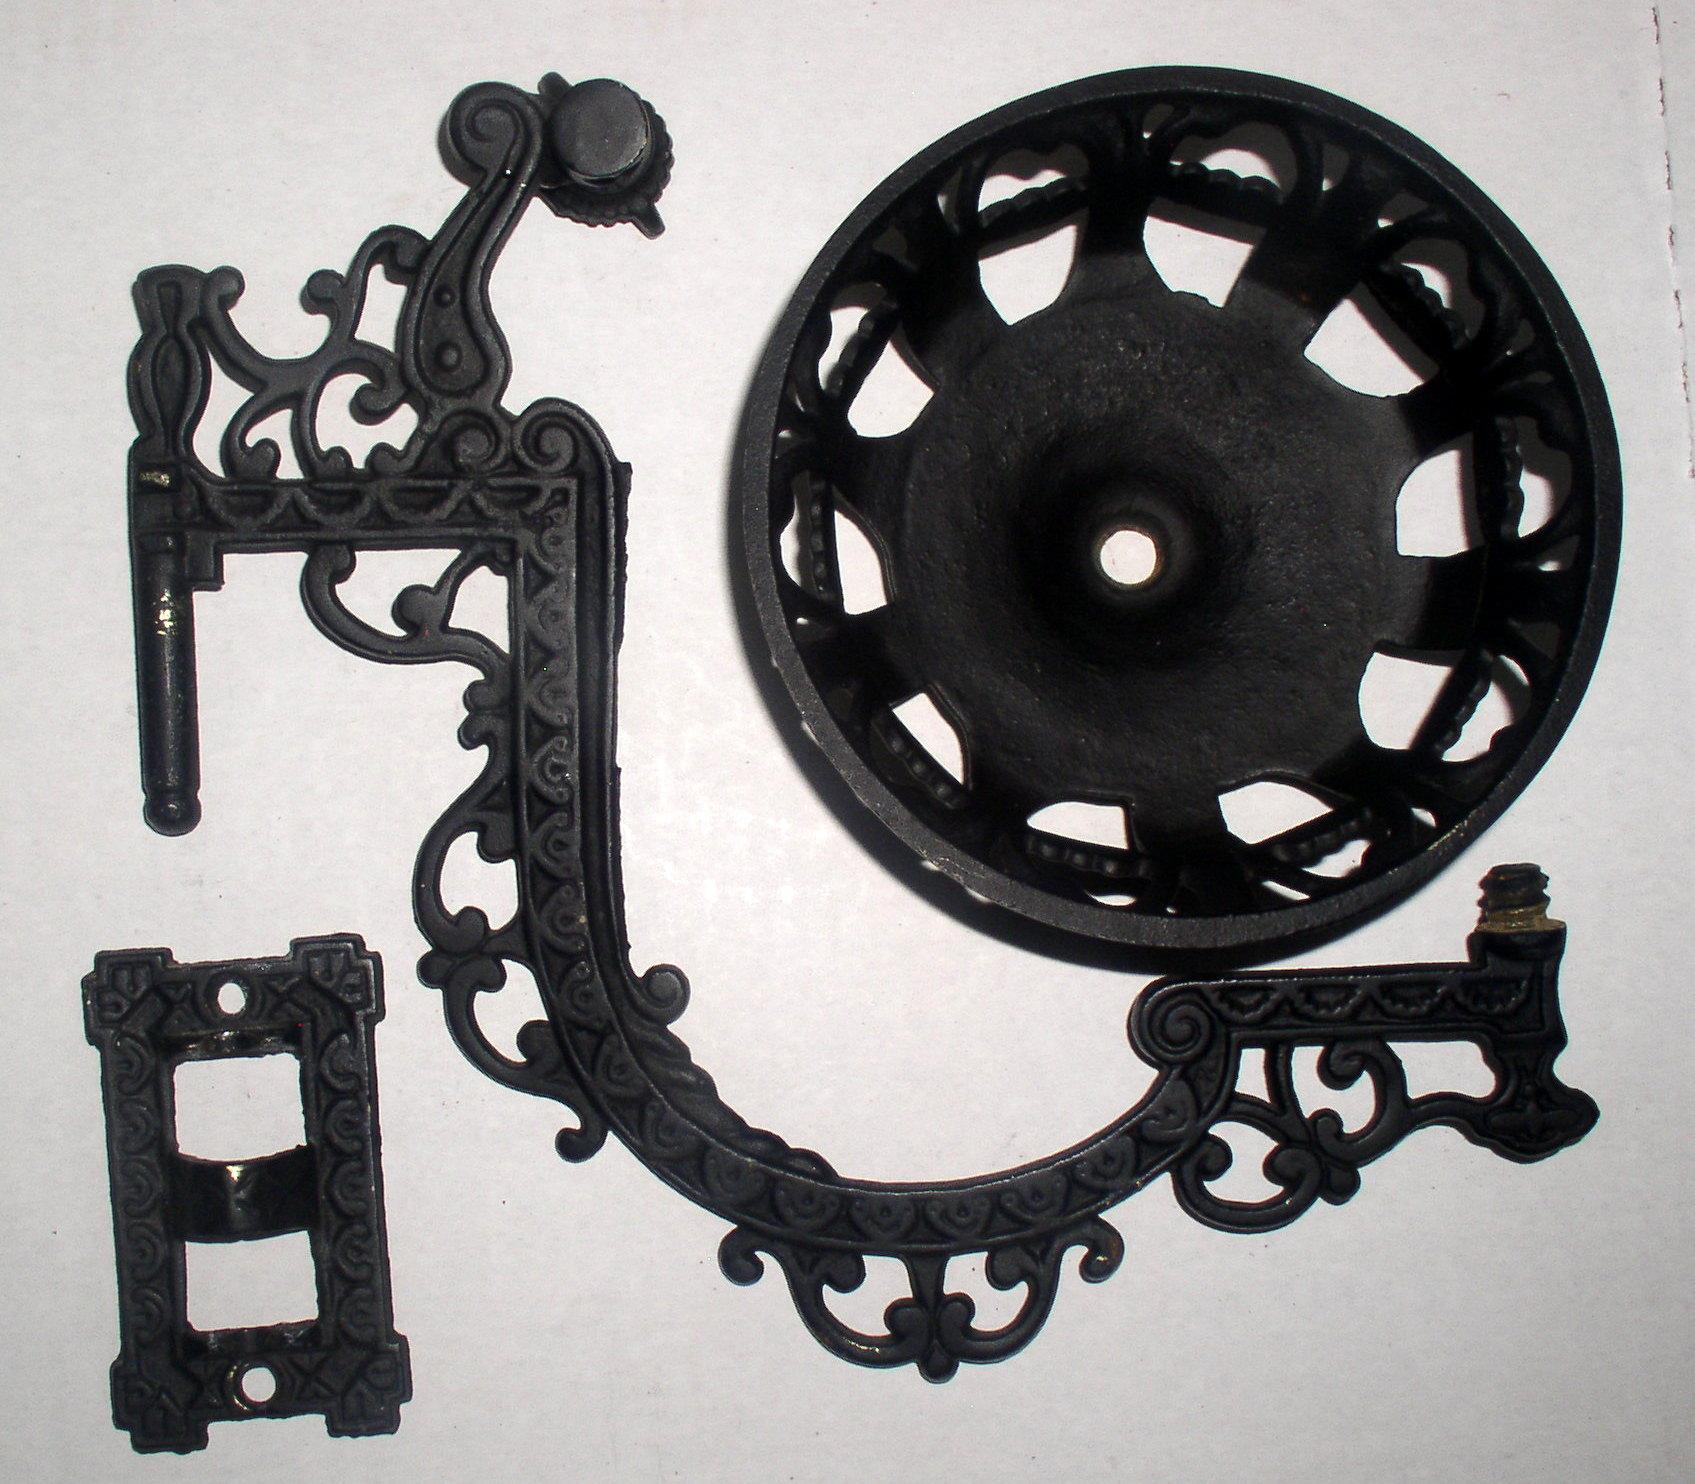 Antique Cast Iron Wall Mount Kerosene Oil Lamp Bracket Holder, Complete Thingery Previews ...